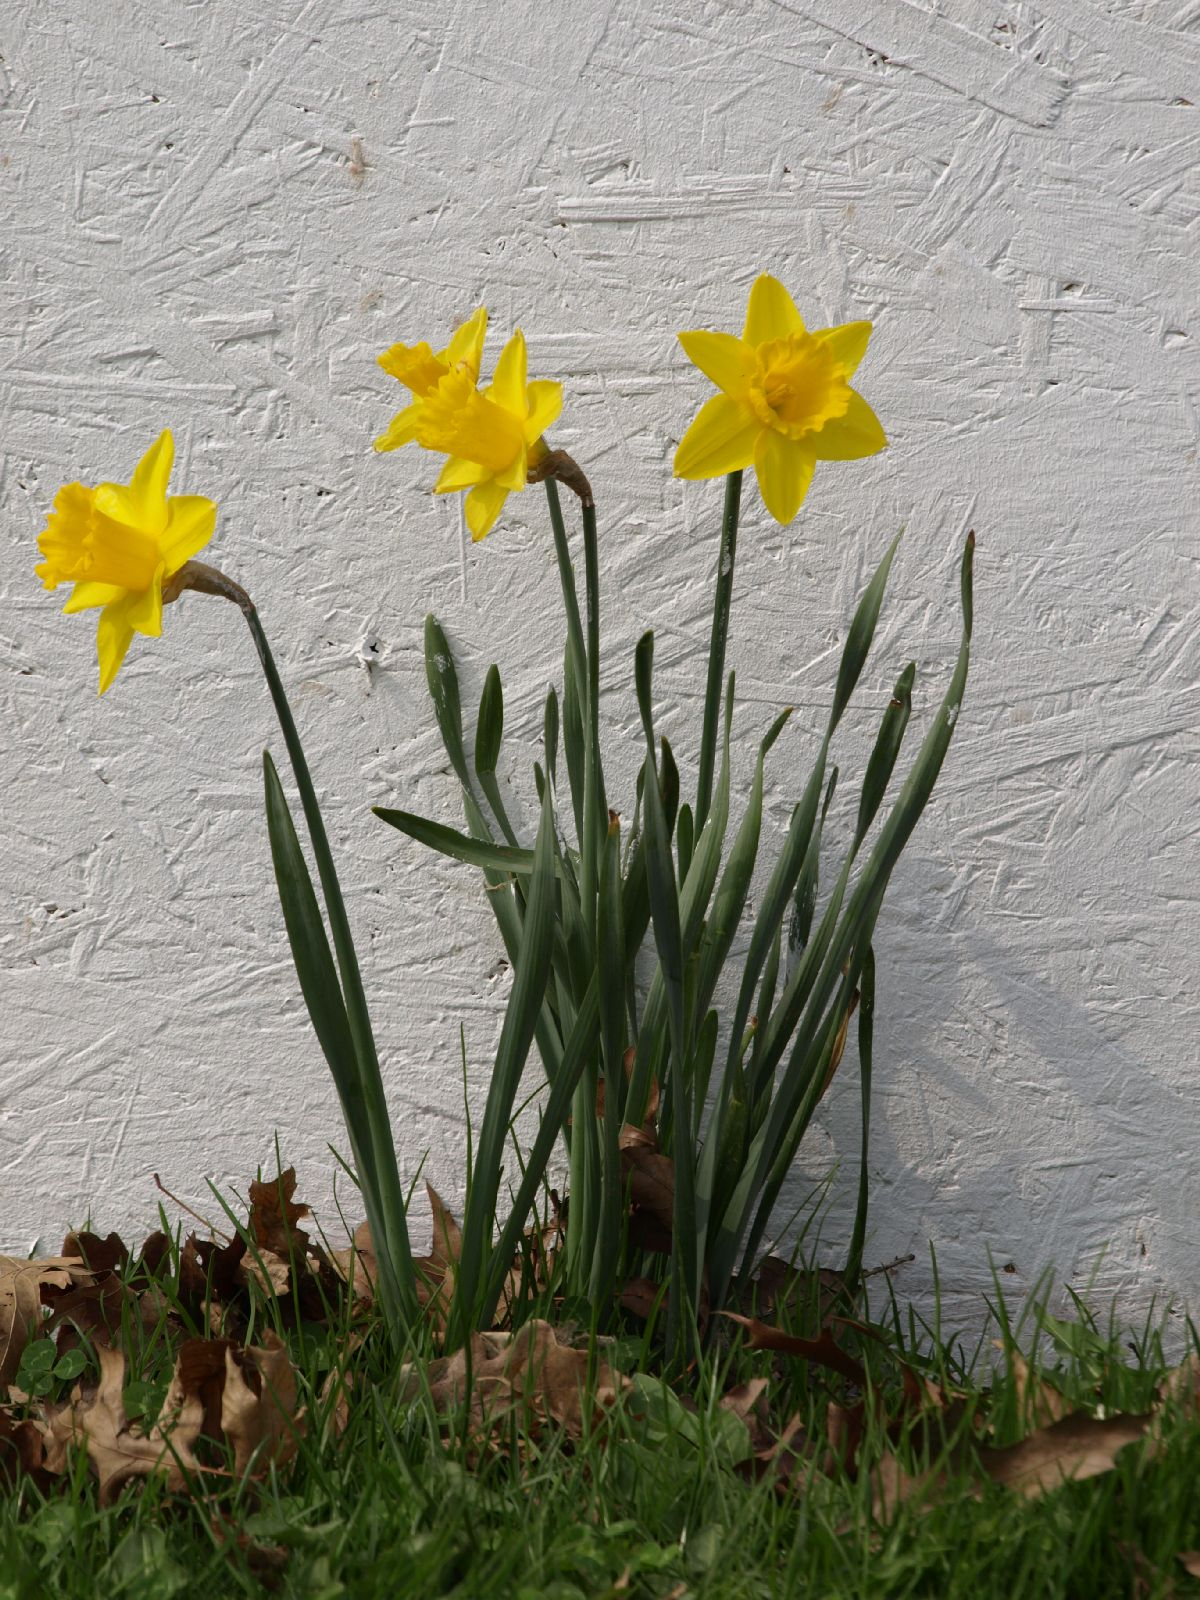 Pflanzen-Blumen-Foto_Textur_B_P4041564